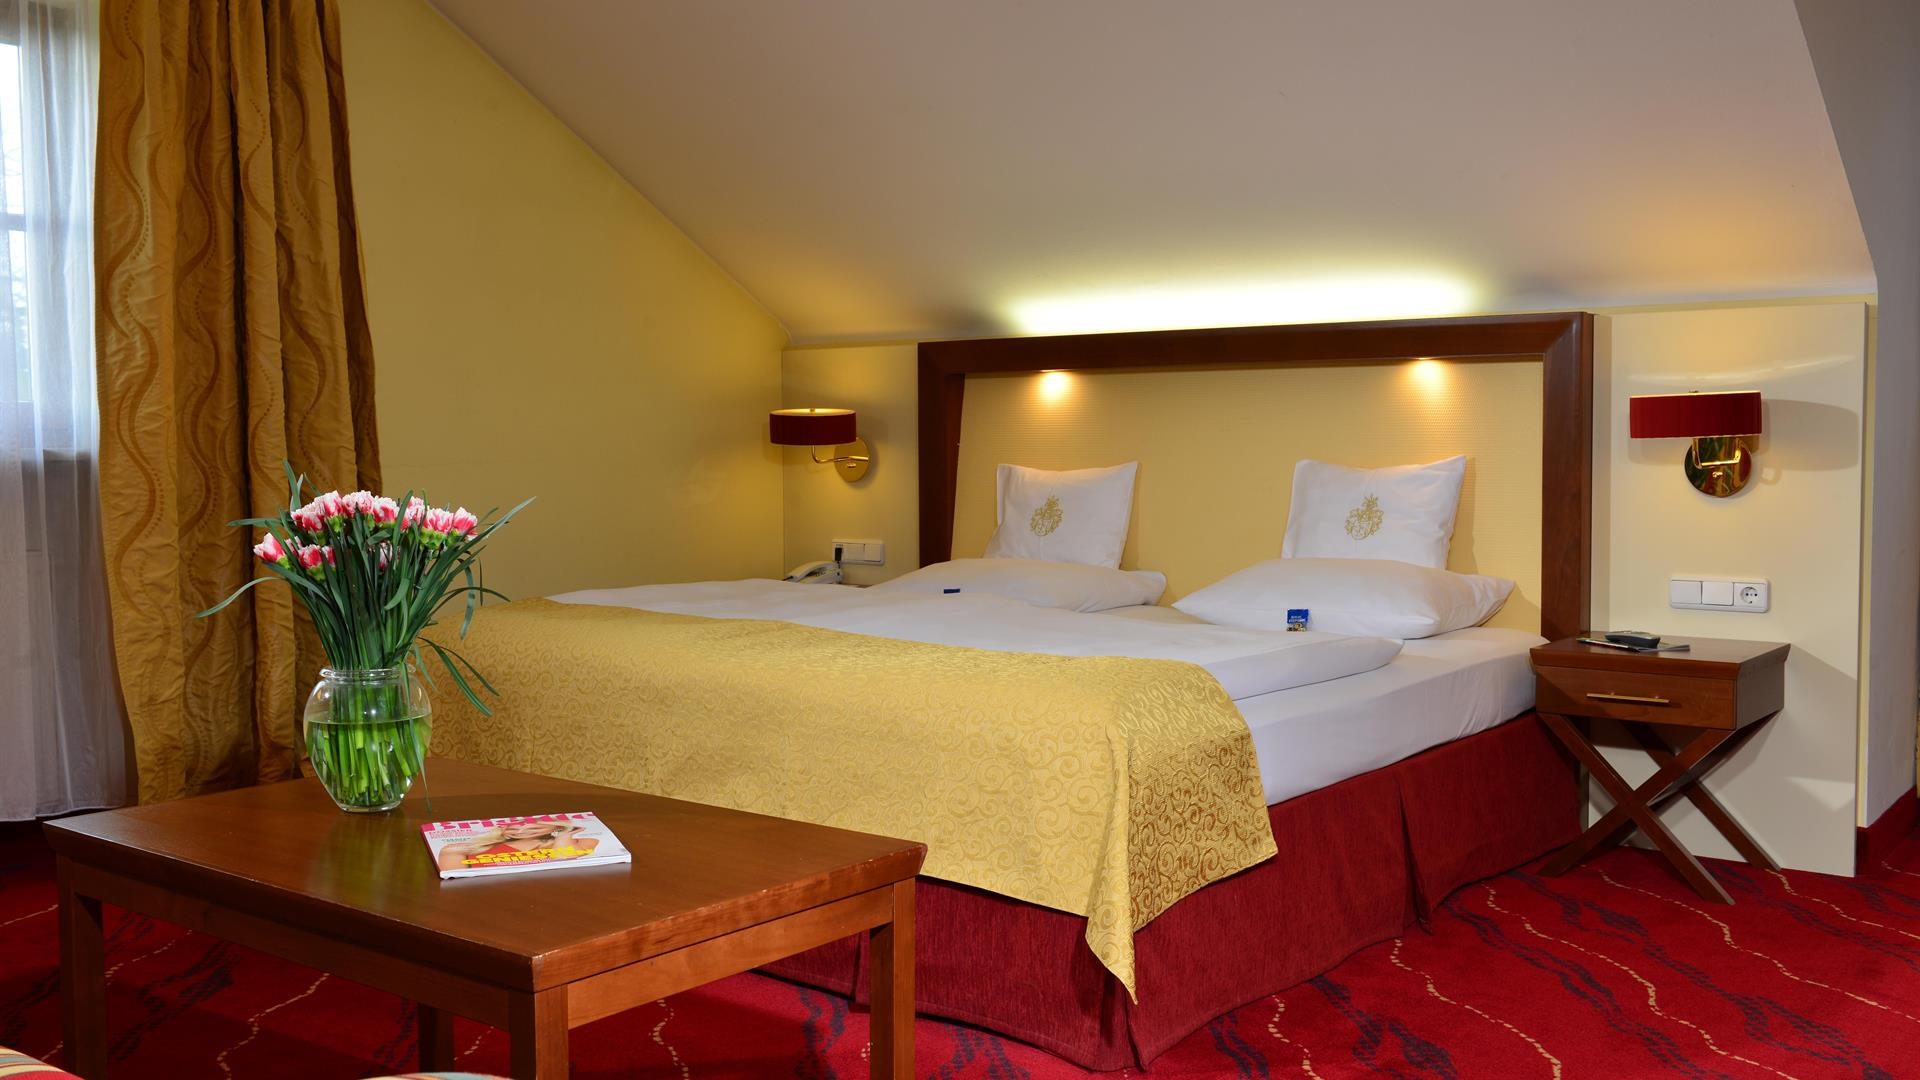 hotelsuite in m nchen ost 4 sterne hotel erb parsdorf. Black Bedroom Furniture Sets. Home Design Ideas